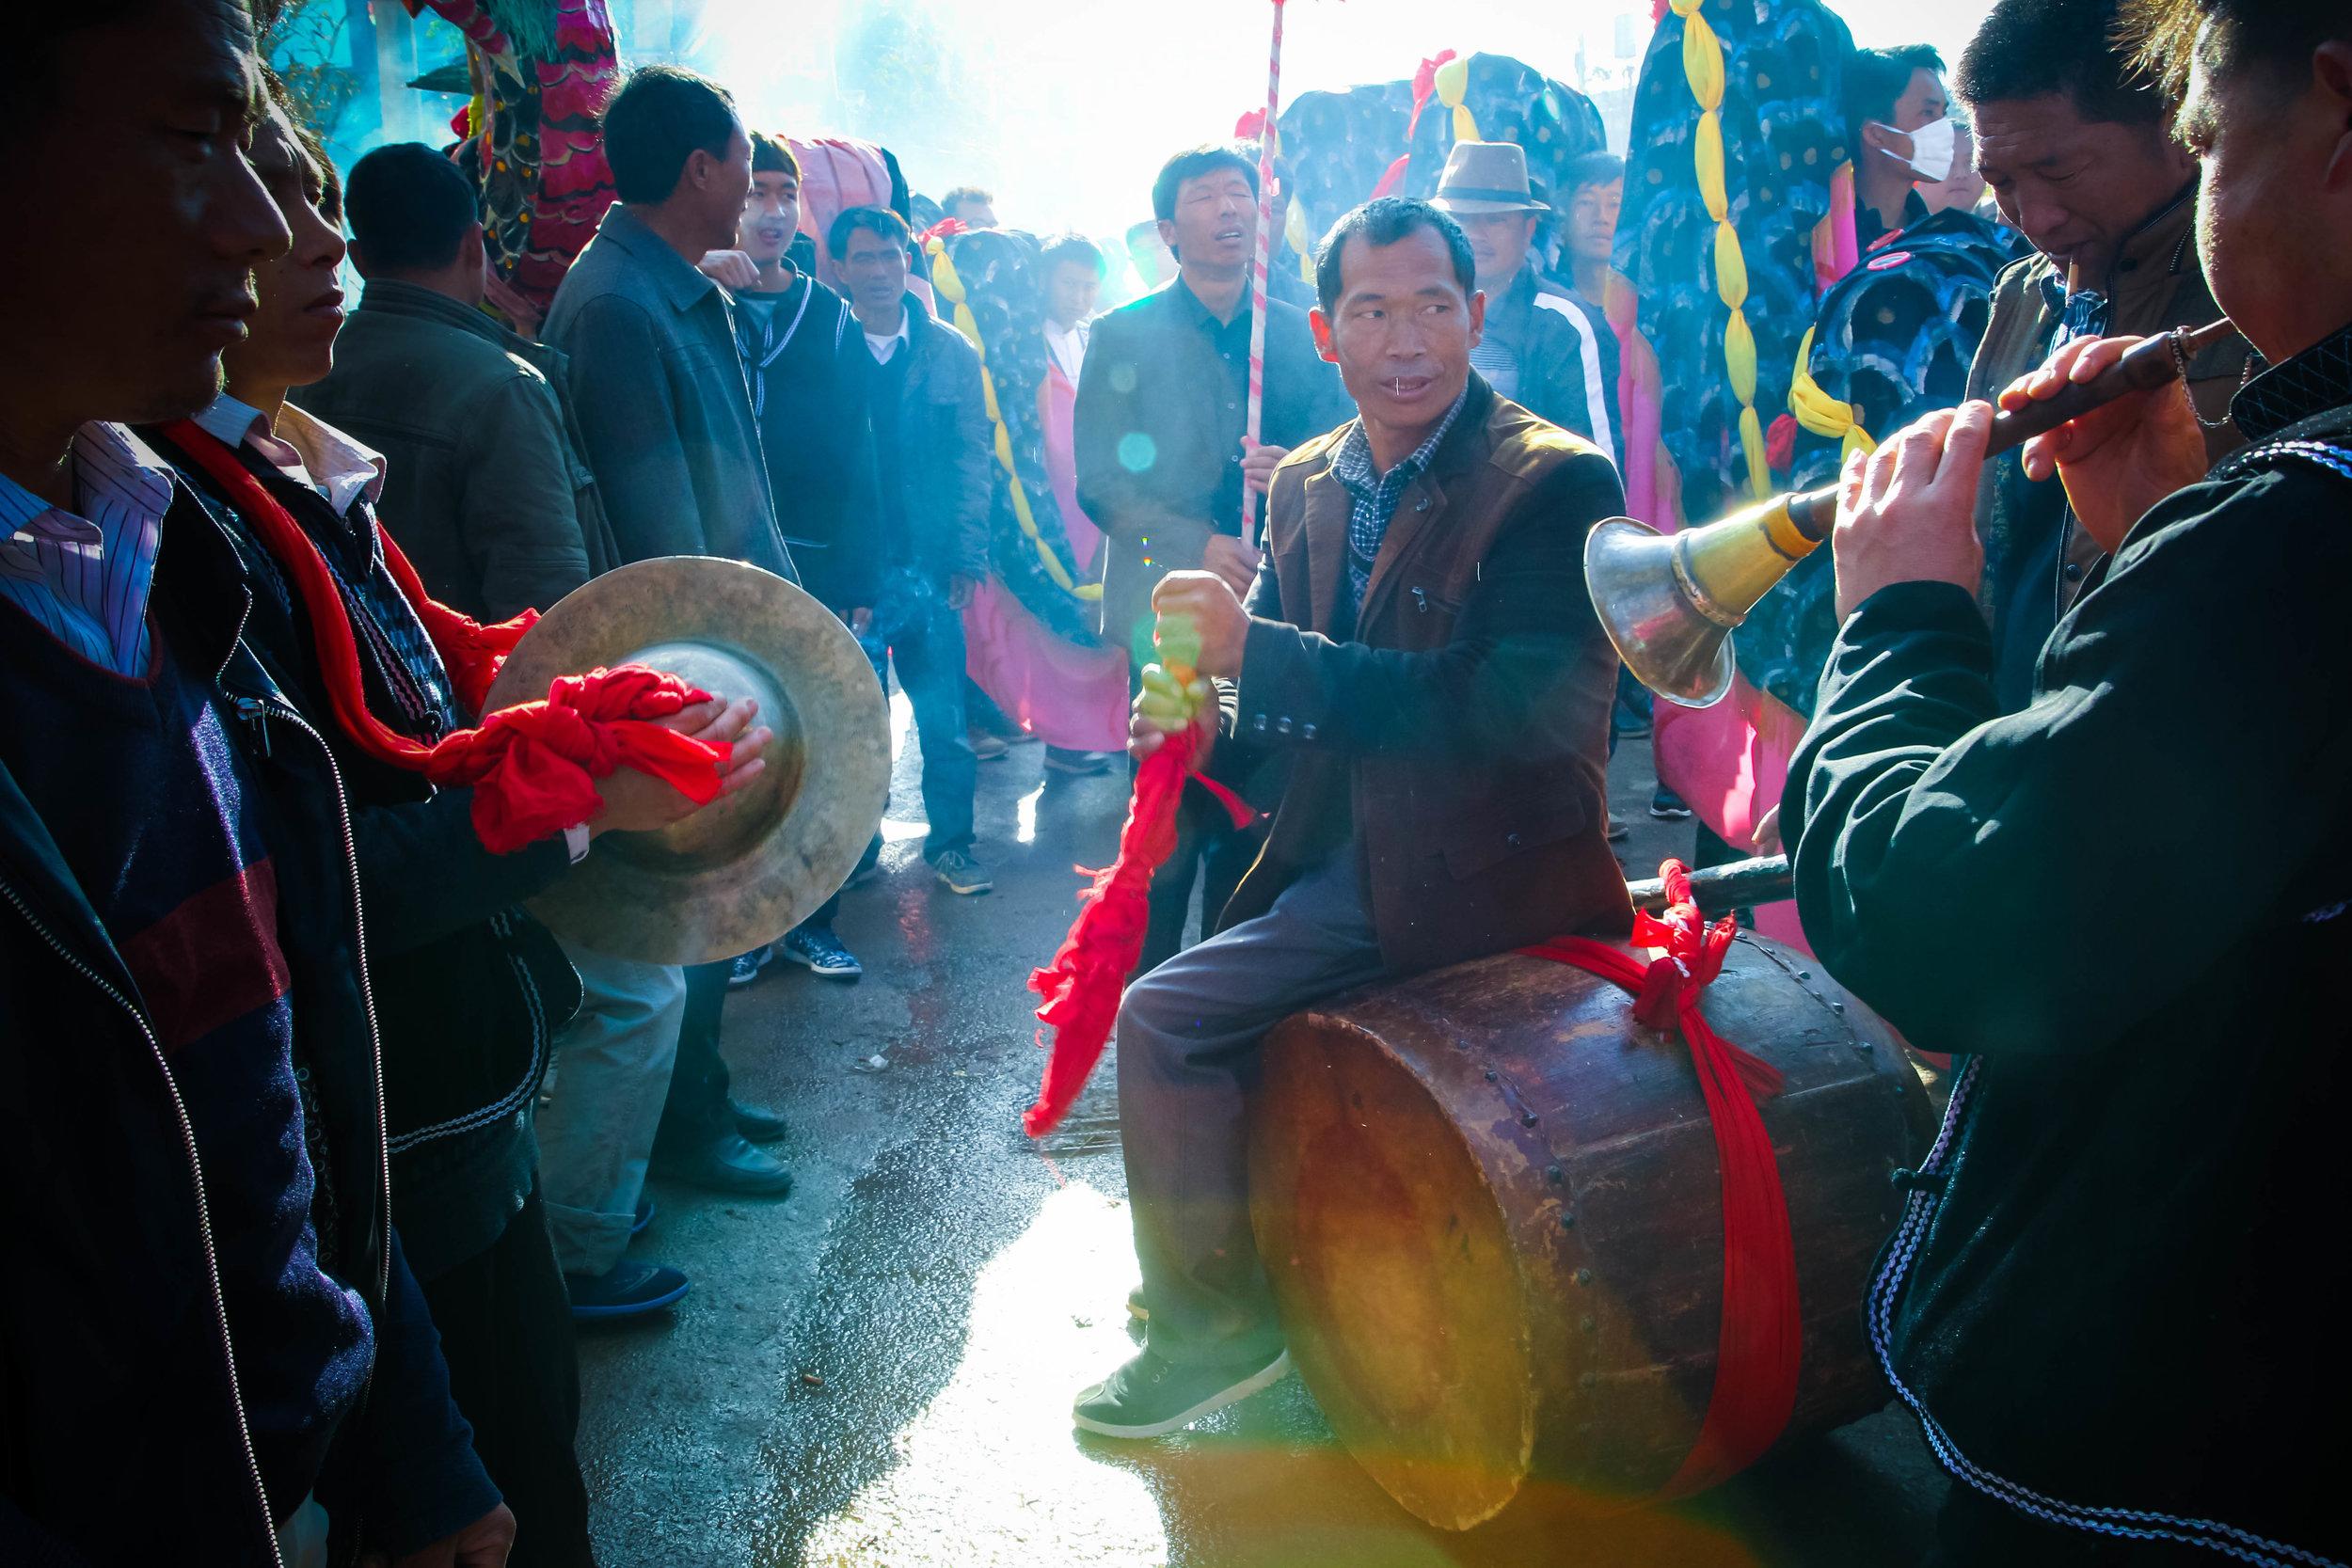 Buddhist Ceremony - Li Jiang, Yun Nan Province - People's Republic of China